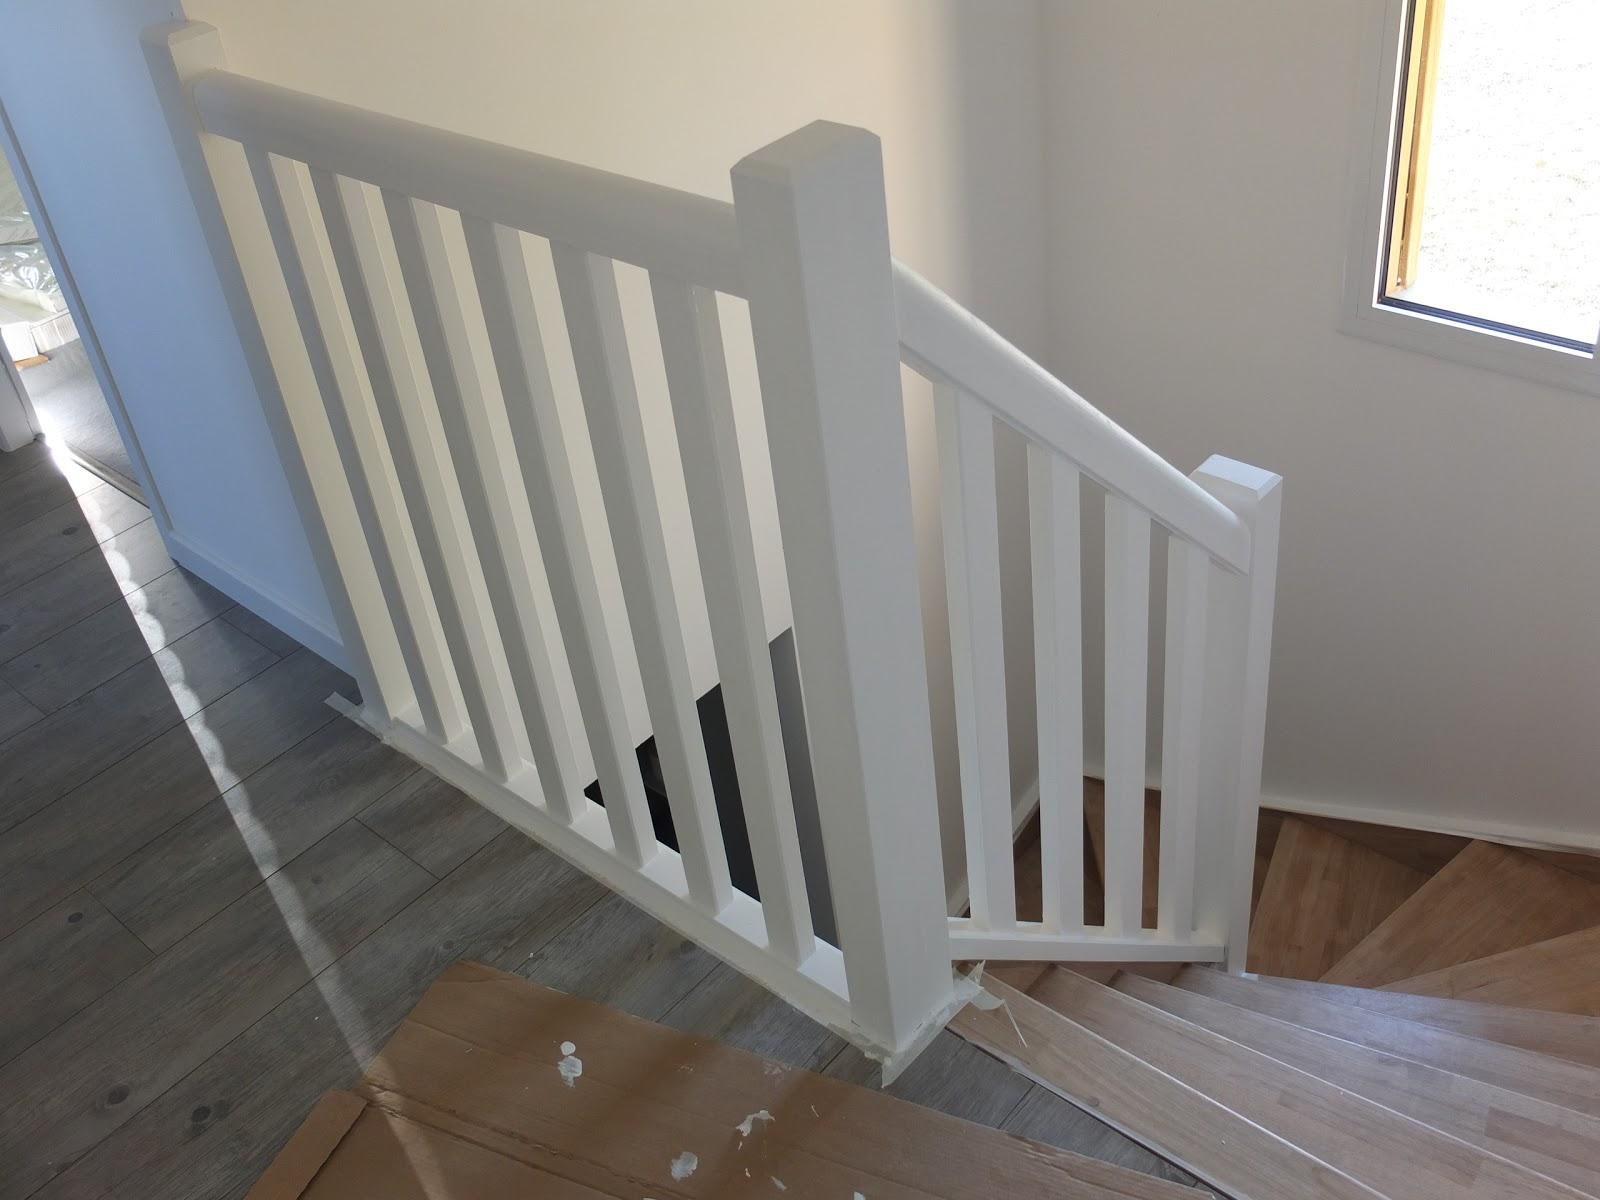 Notre maison en bois s3 j4 carrelage peinture escalier for Peinture escalier en bois